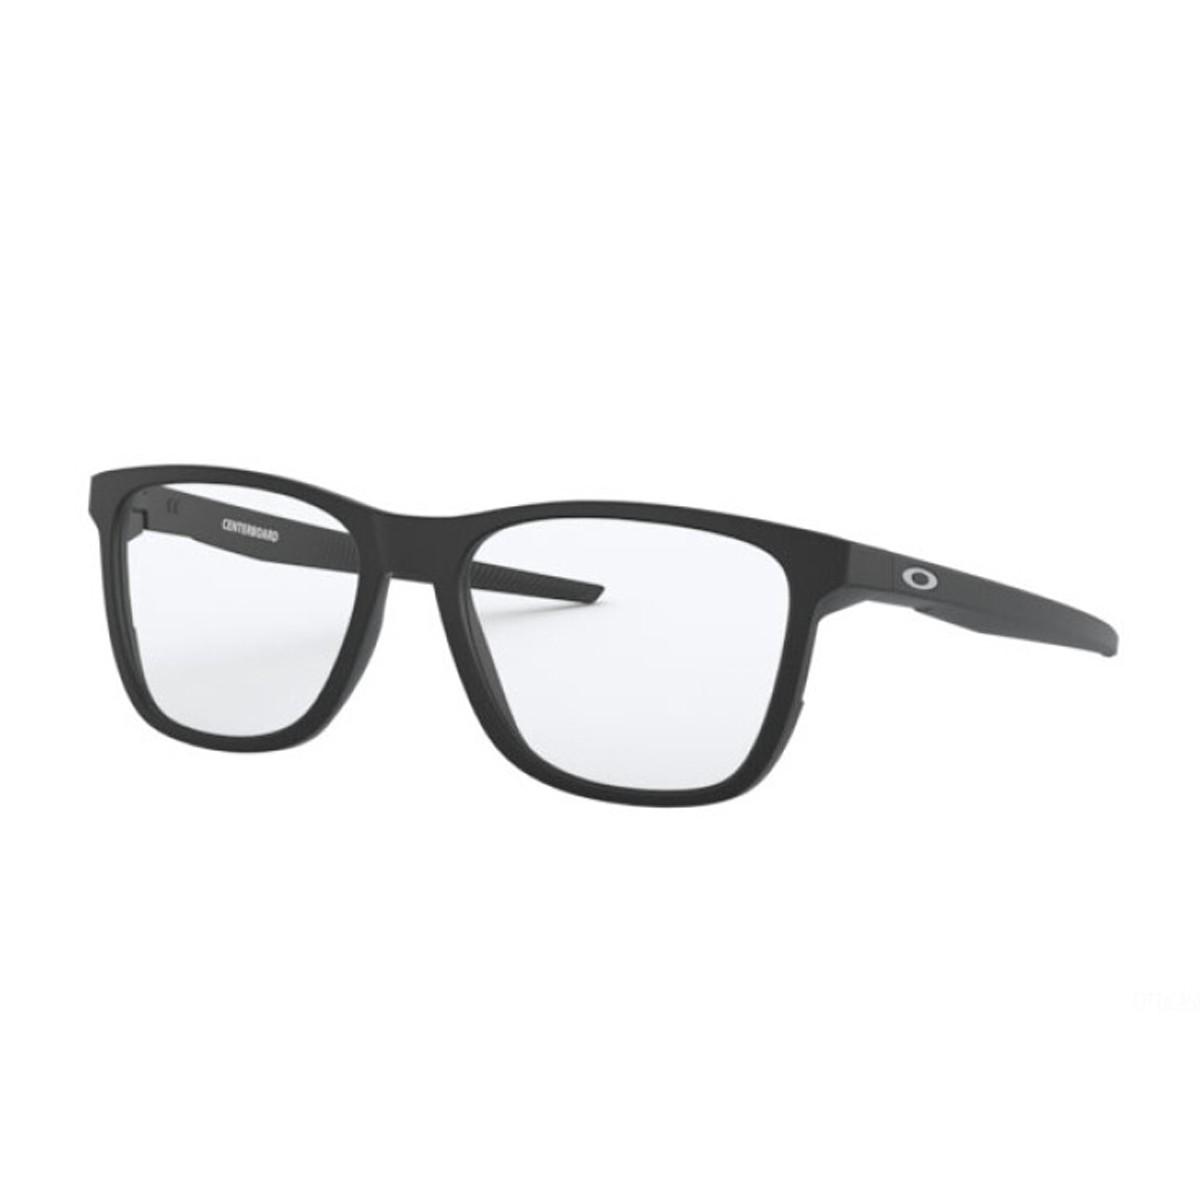 Oakley OX8163 | Men's eyeglasses